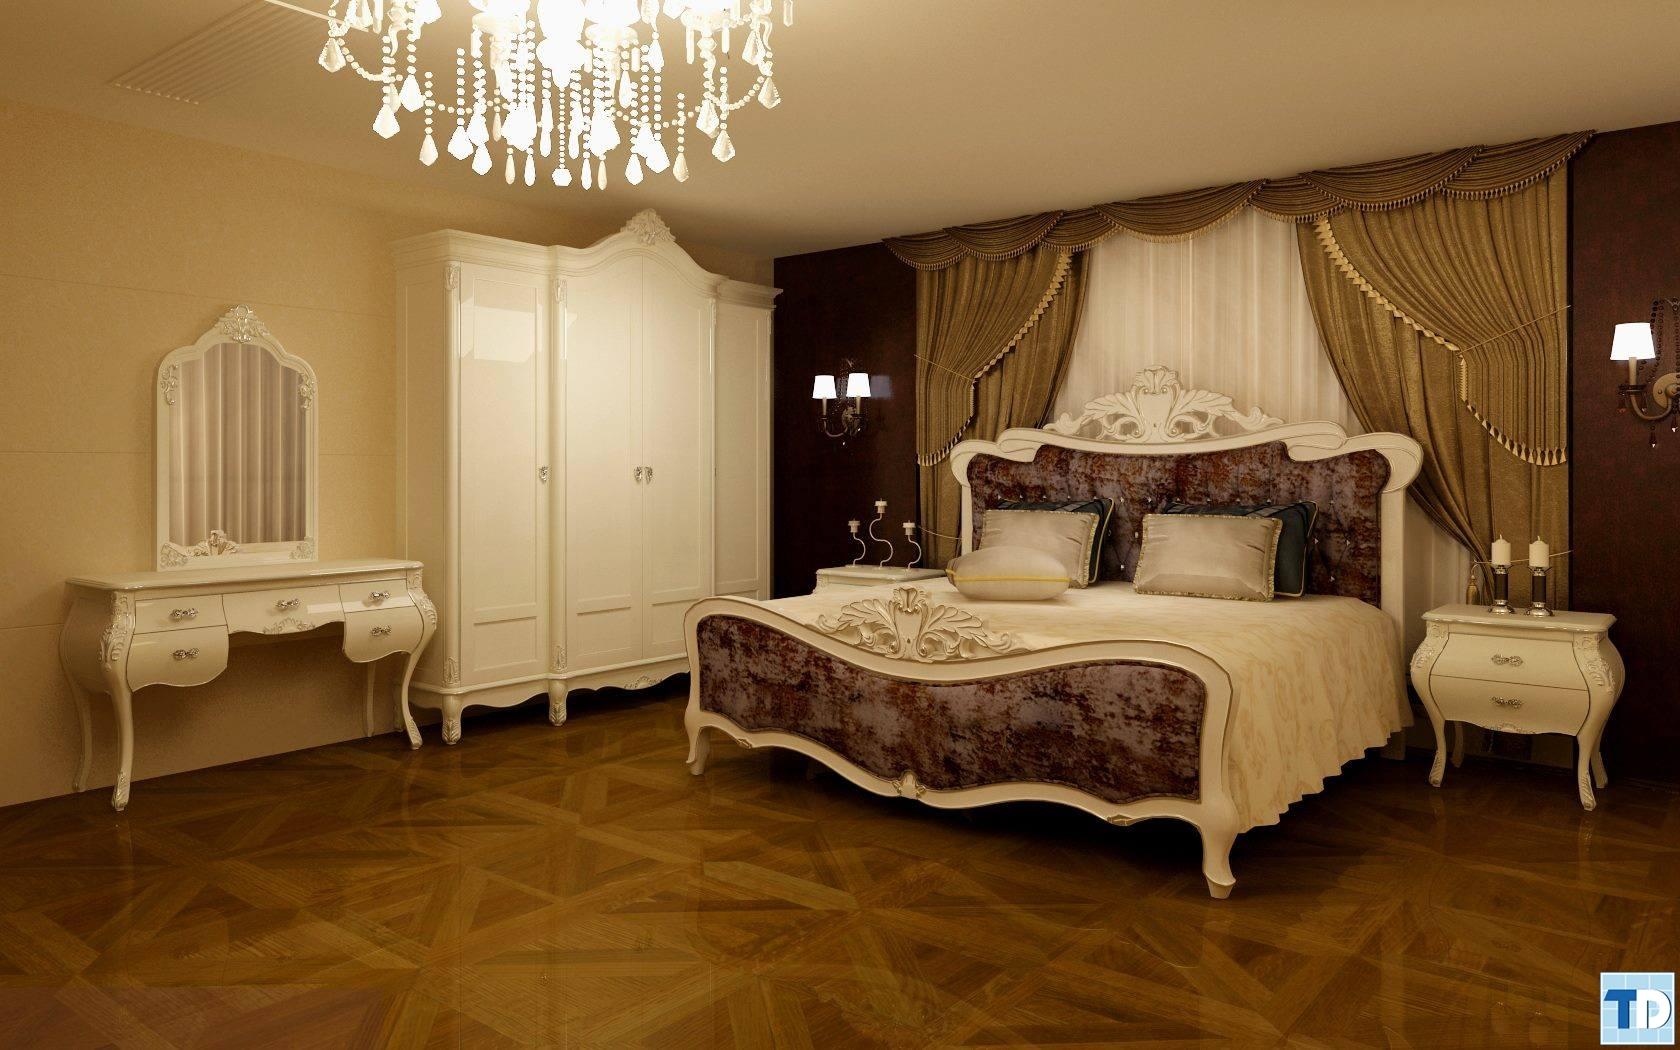 Nội thất phòng ngủ tân cổ điển sang trọng, quý phái